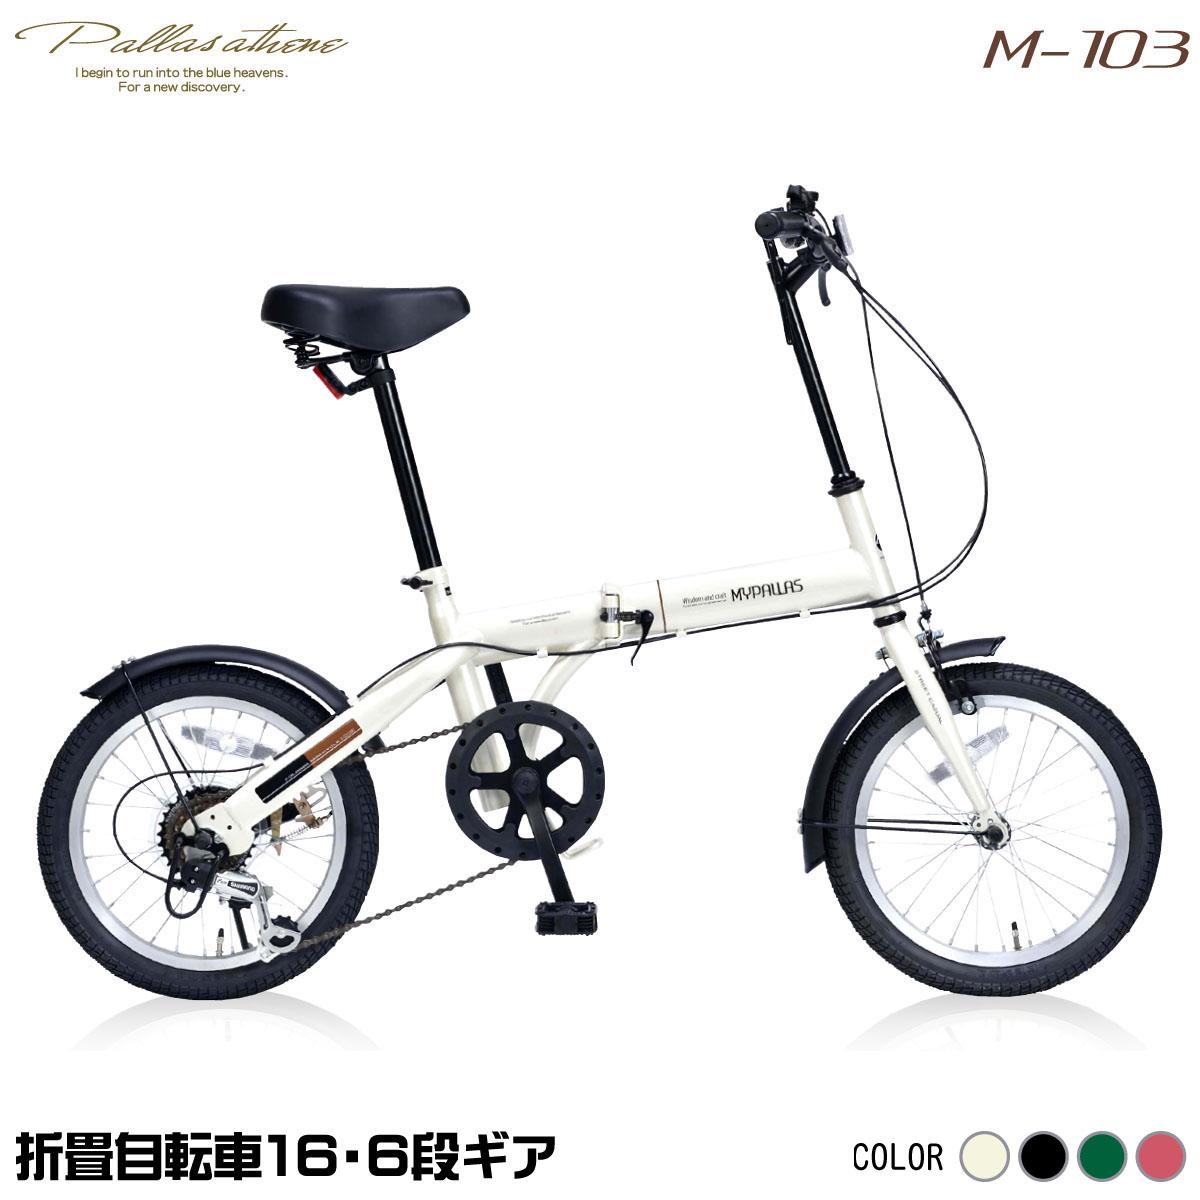 【送料無料】マイパラス M-103-IV アイボリー [折りたたみ自転車(16インチ・6段変速)]【同梱配送不可】【代引き不可】【本州以外配送不可】